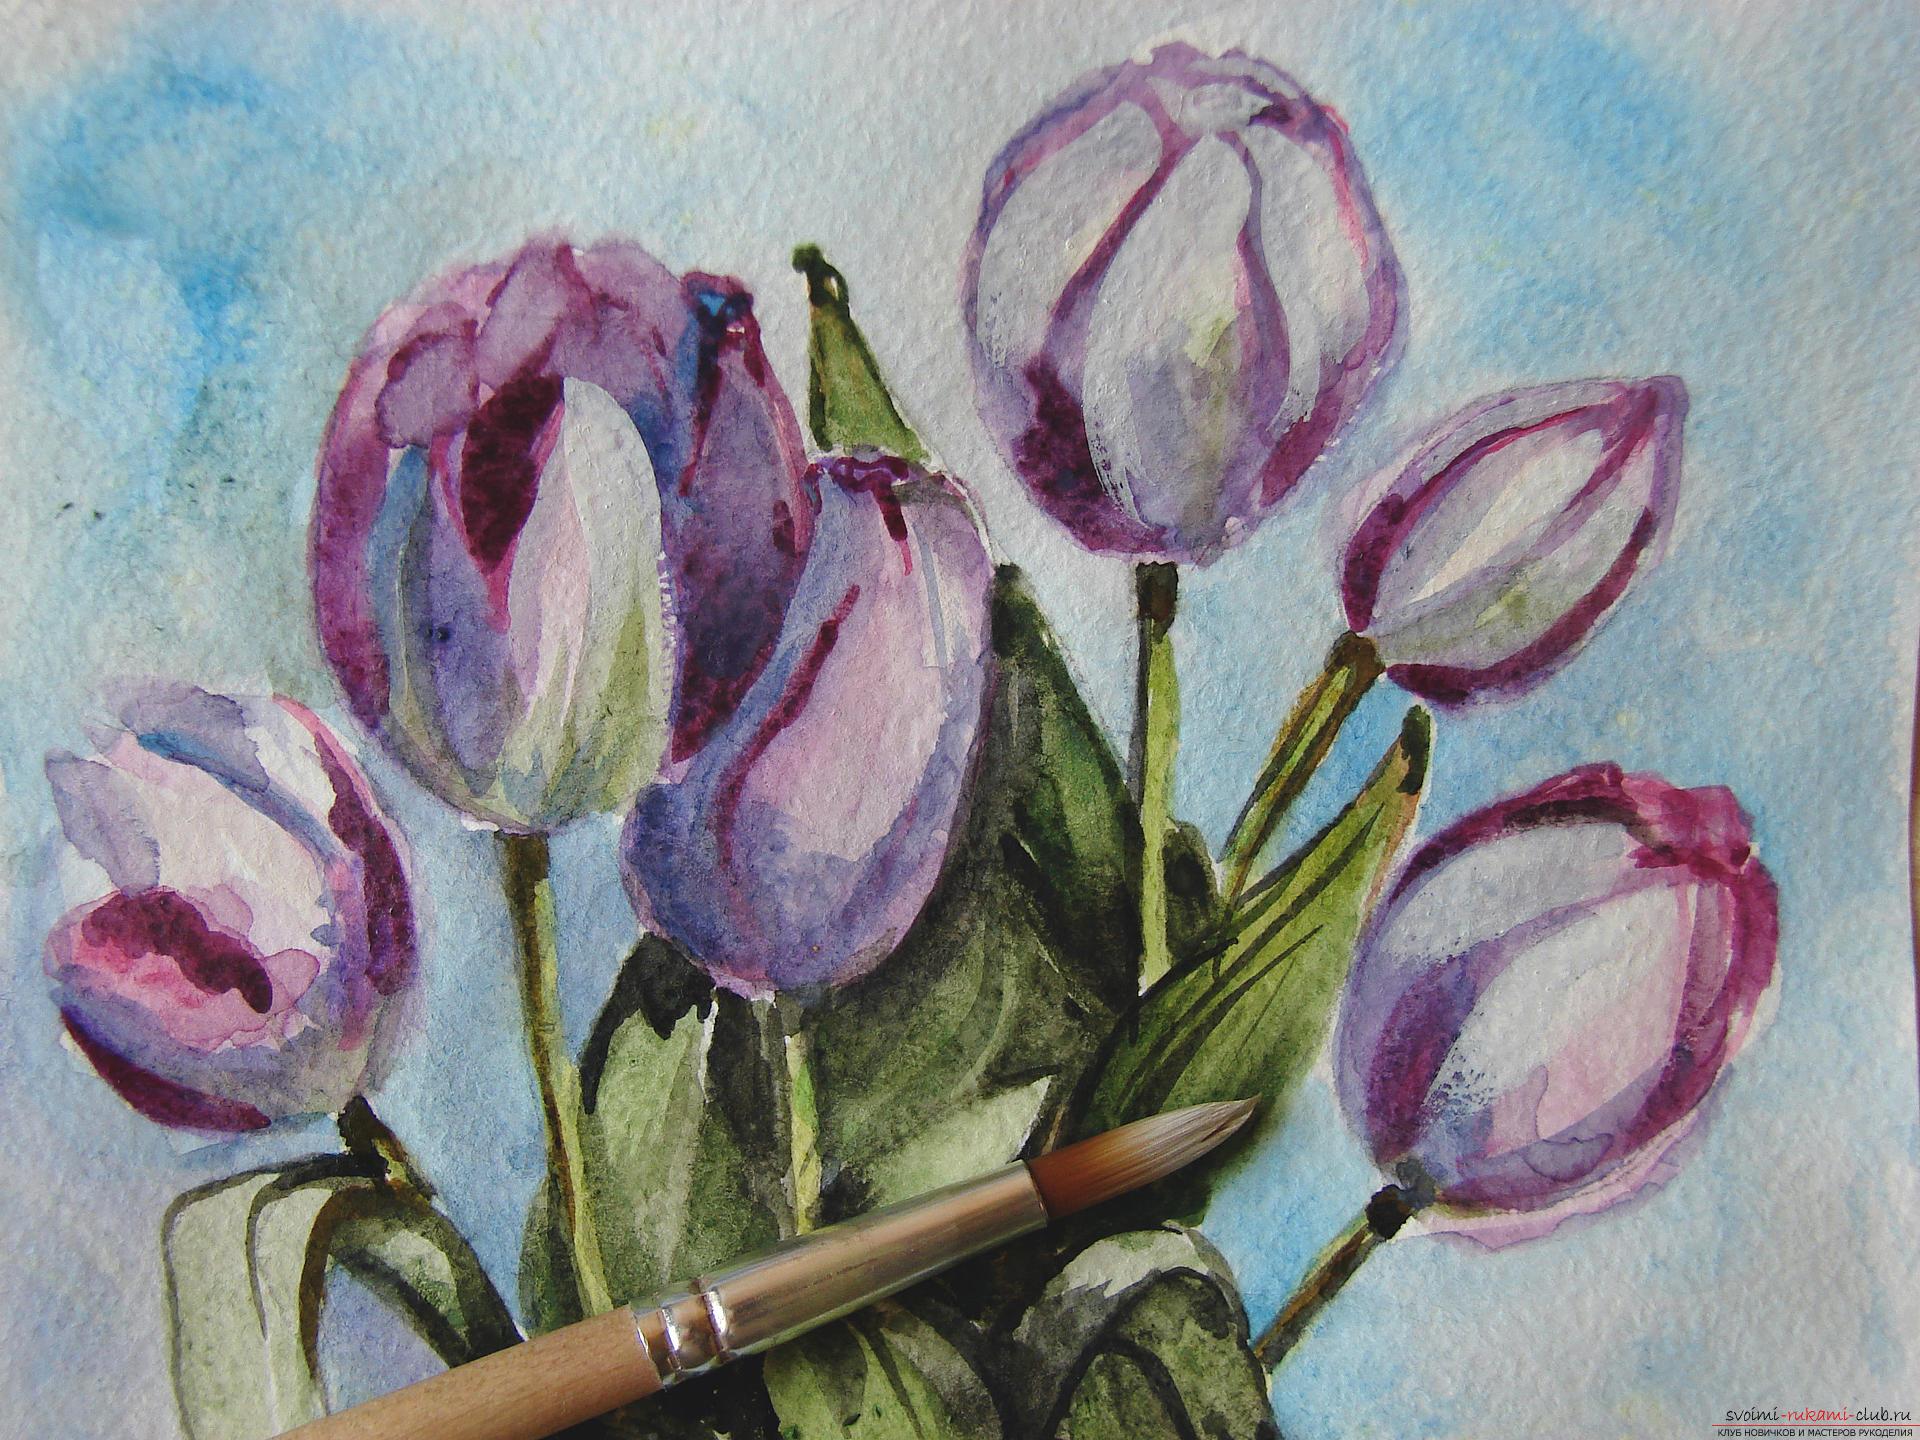 Мастер-класс по рисованию с фото научит как нарисовать цветы, подробно описав как рисуются тюльпаны поэтапно.. Фото №26